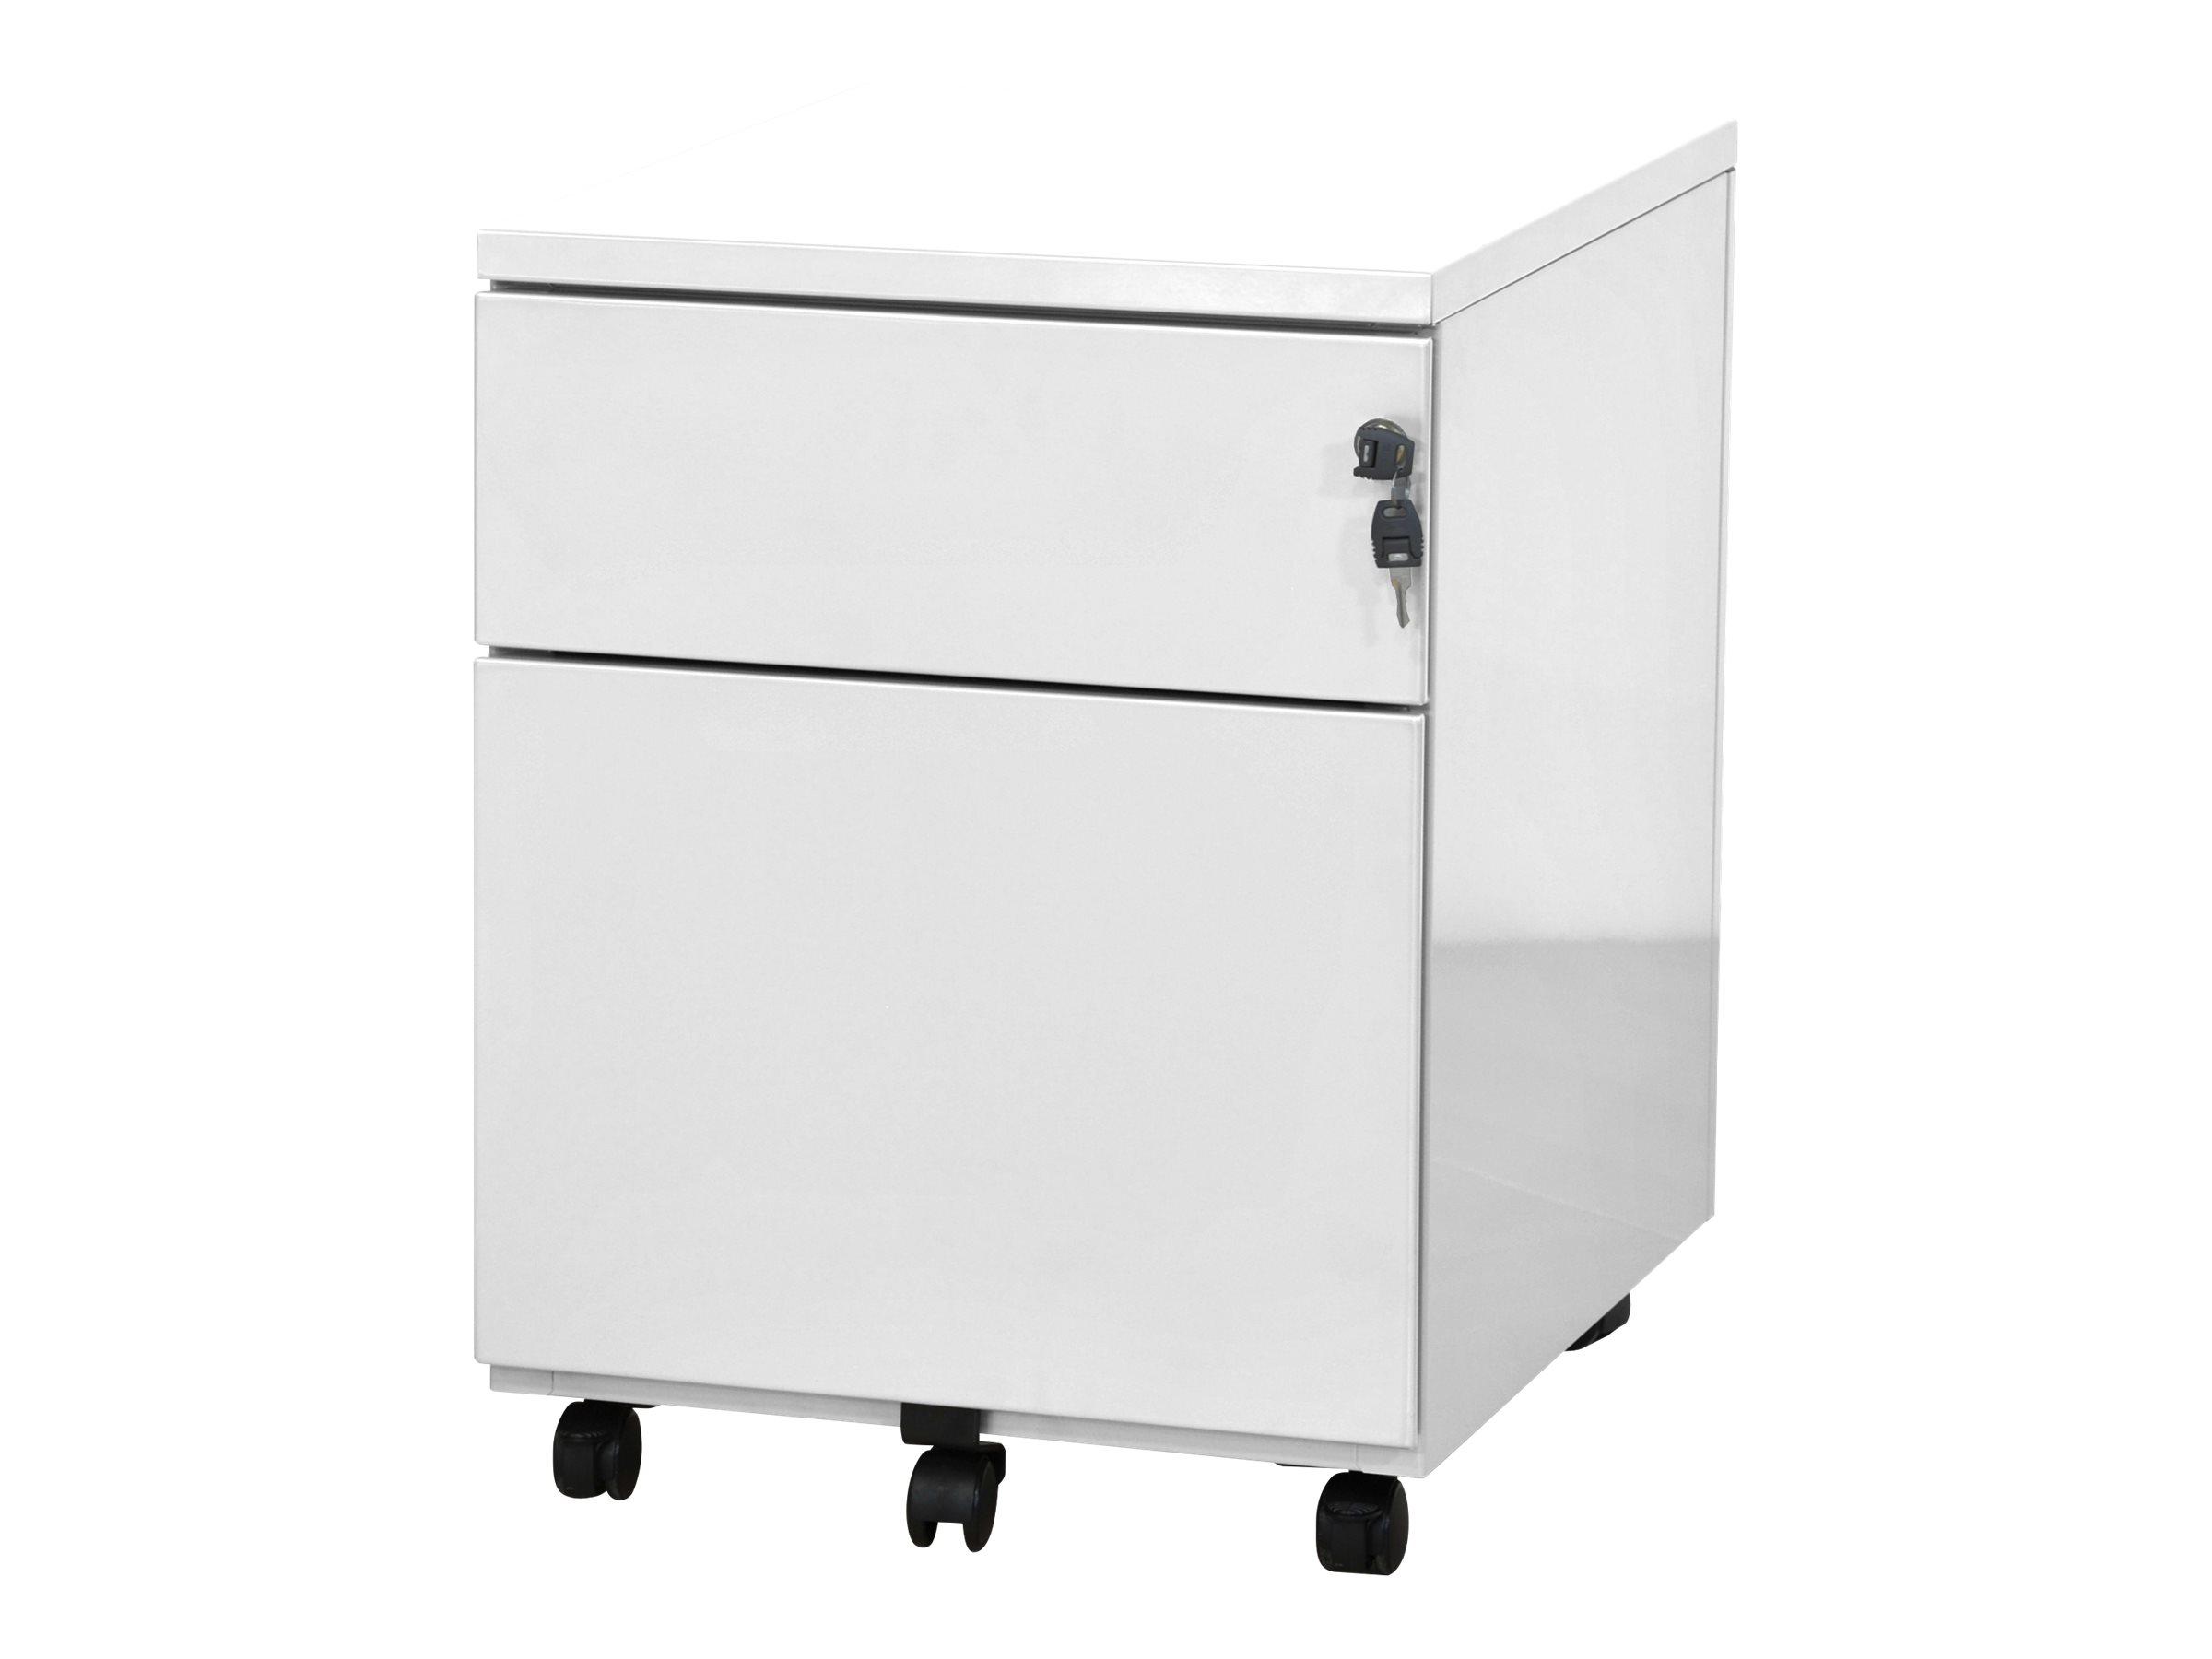 Caisson mobile - 2 tiroirs - blanc - 56,7 x 54,1 x 41,8 cm